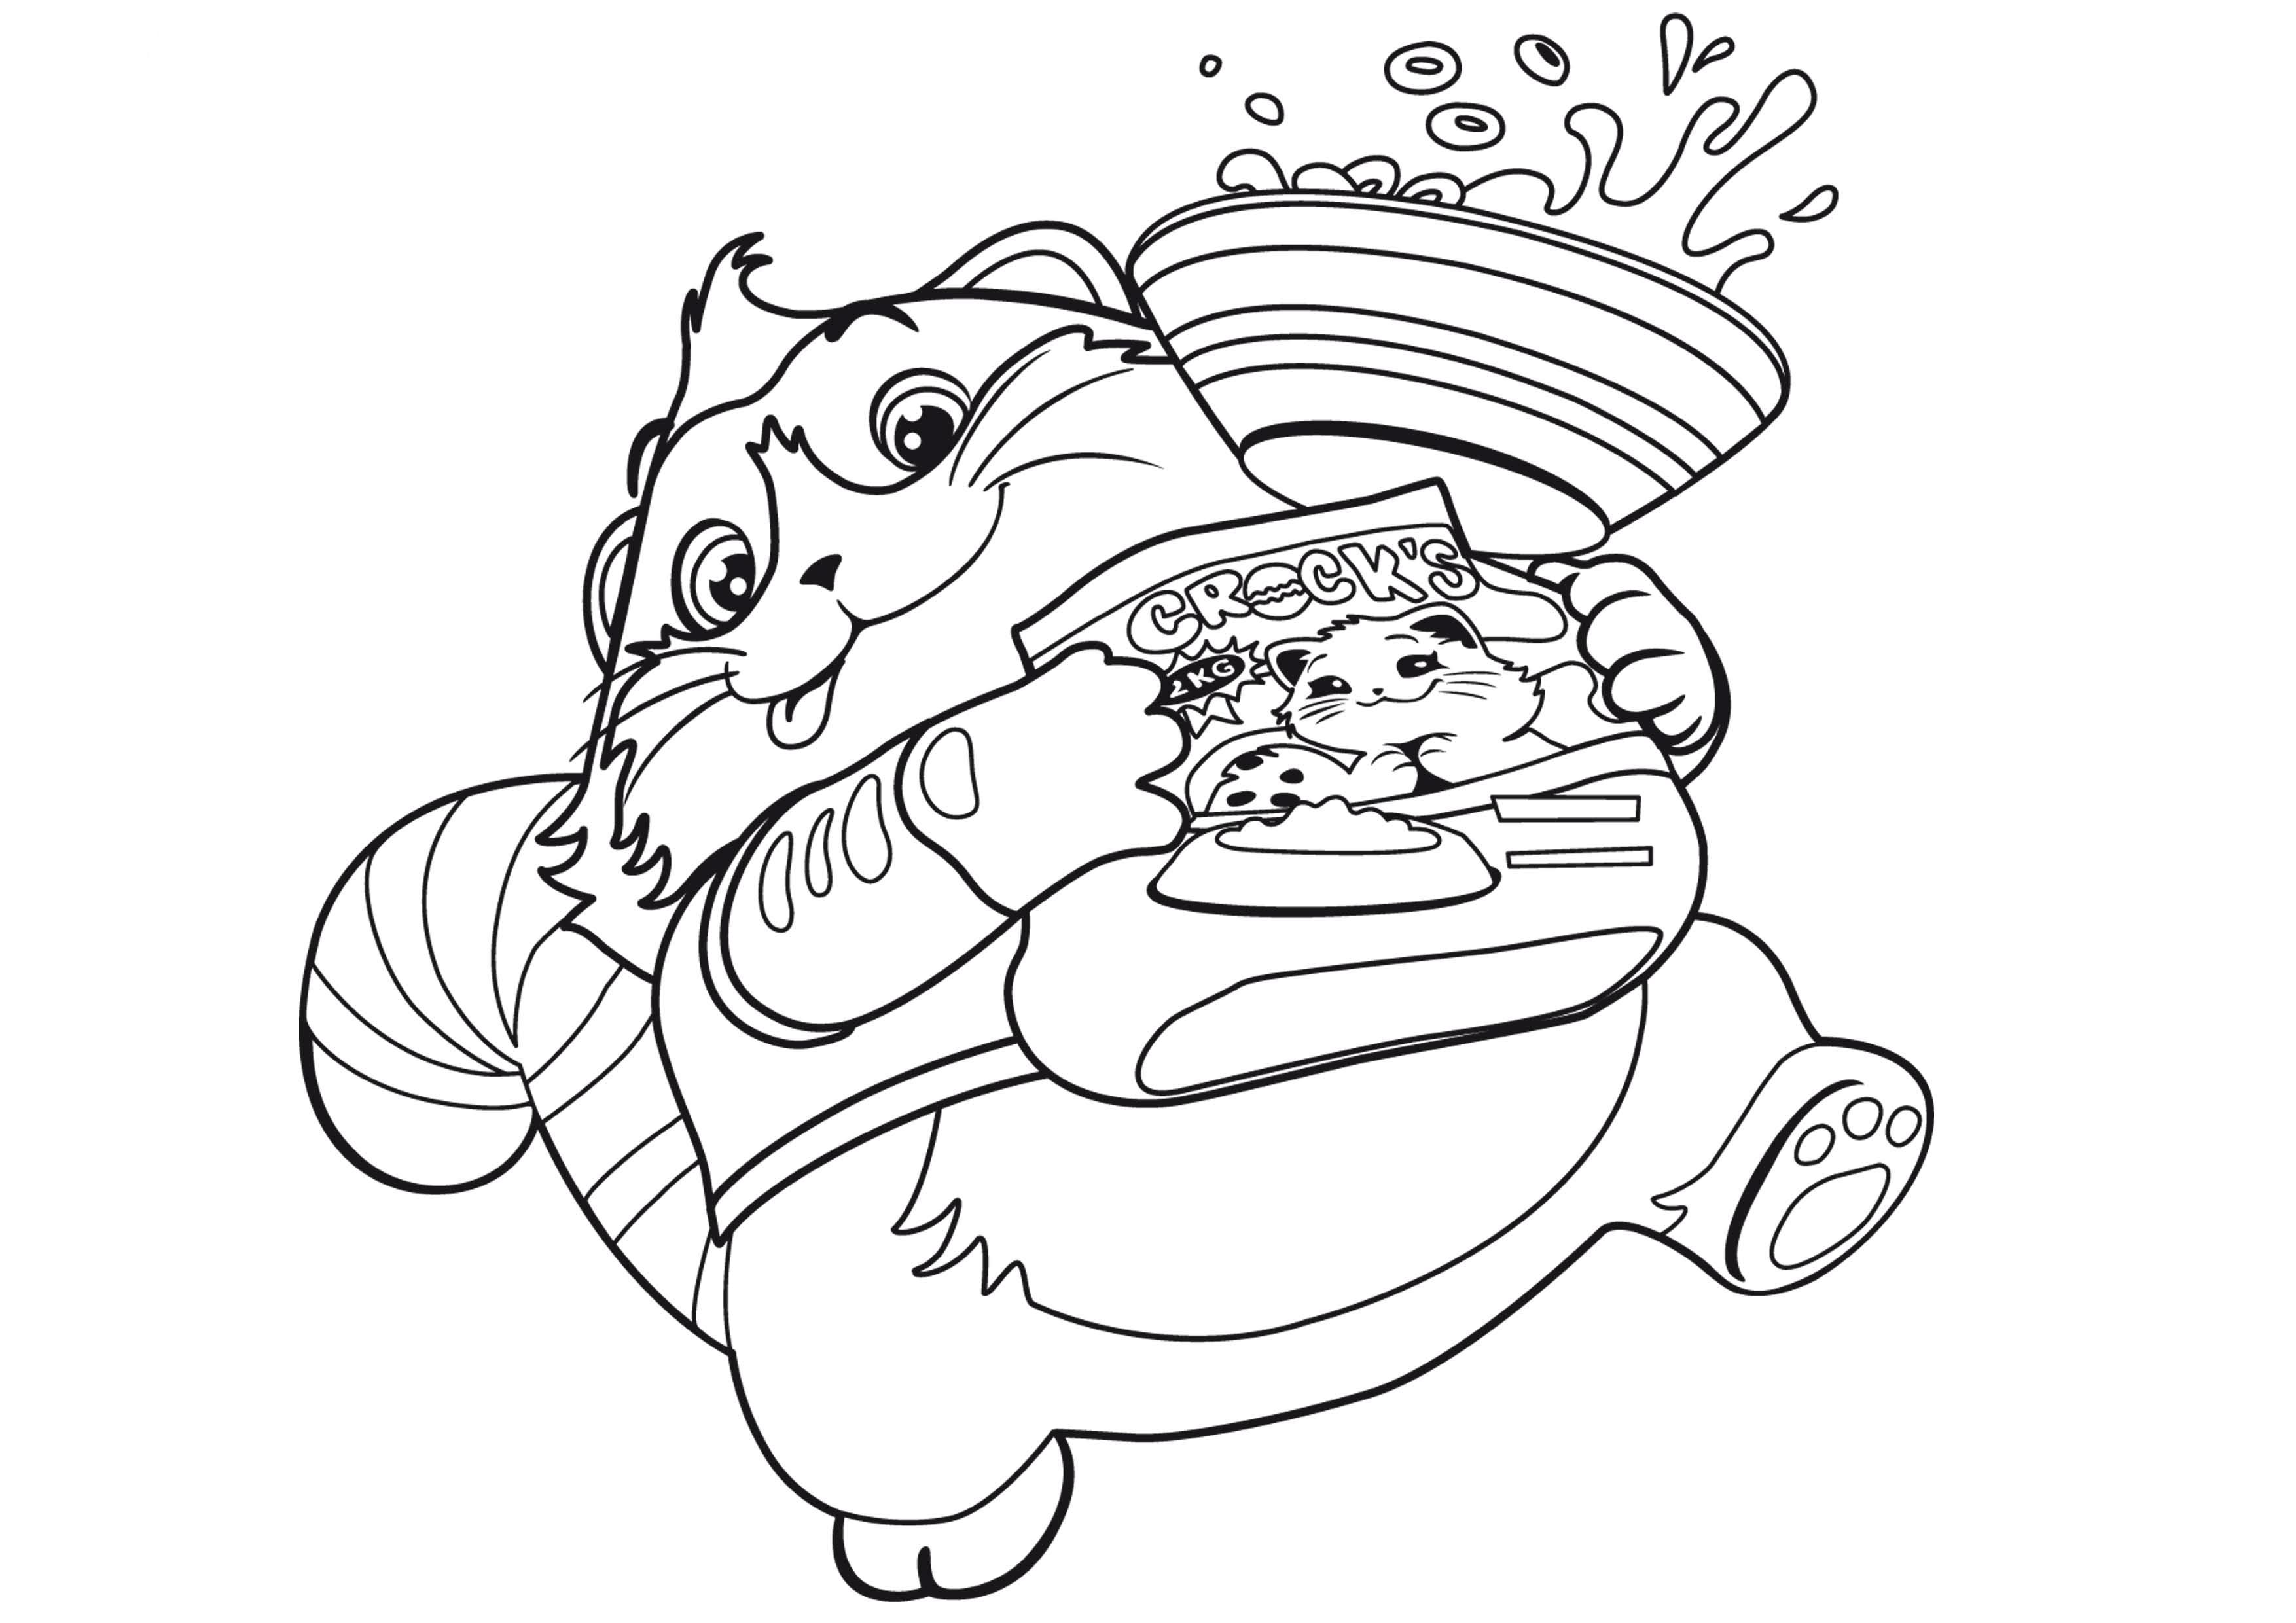 кот пончик с едой раскраска для детей раскраски 44 котёнка